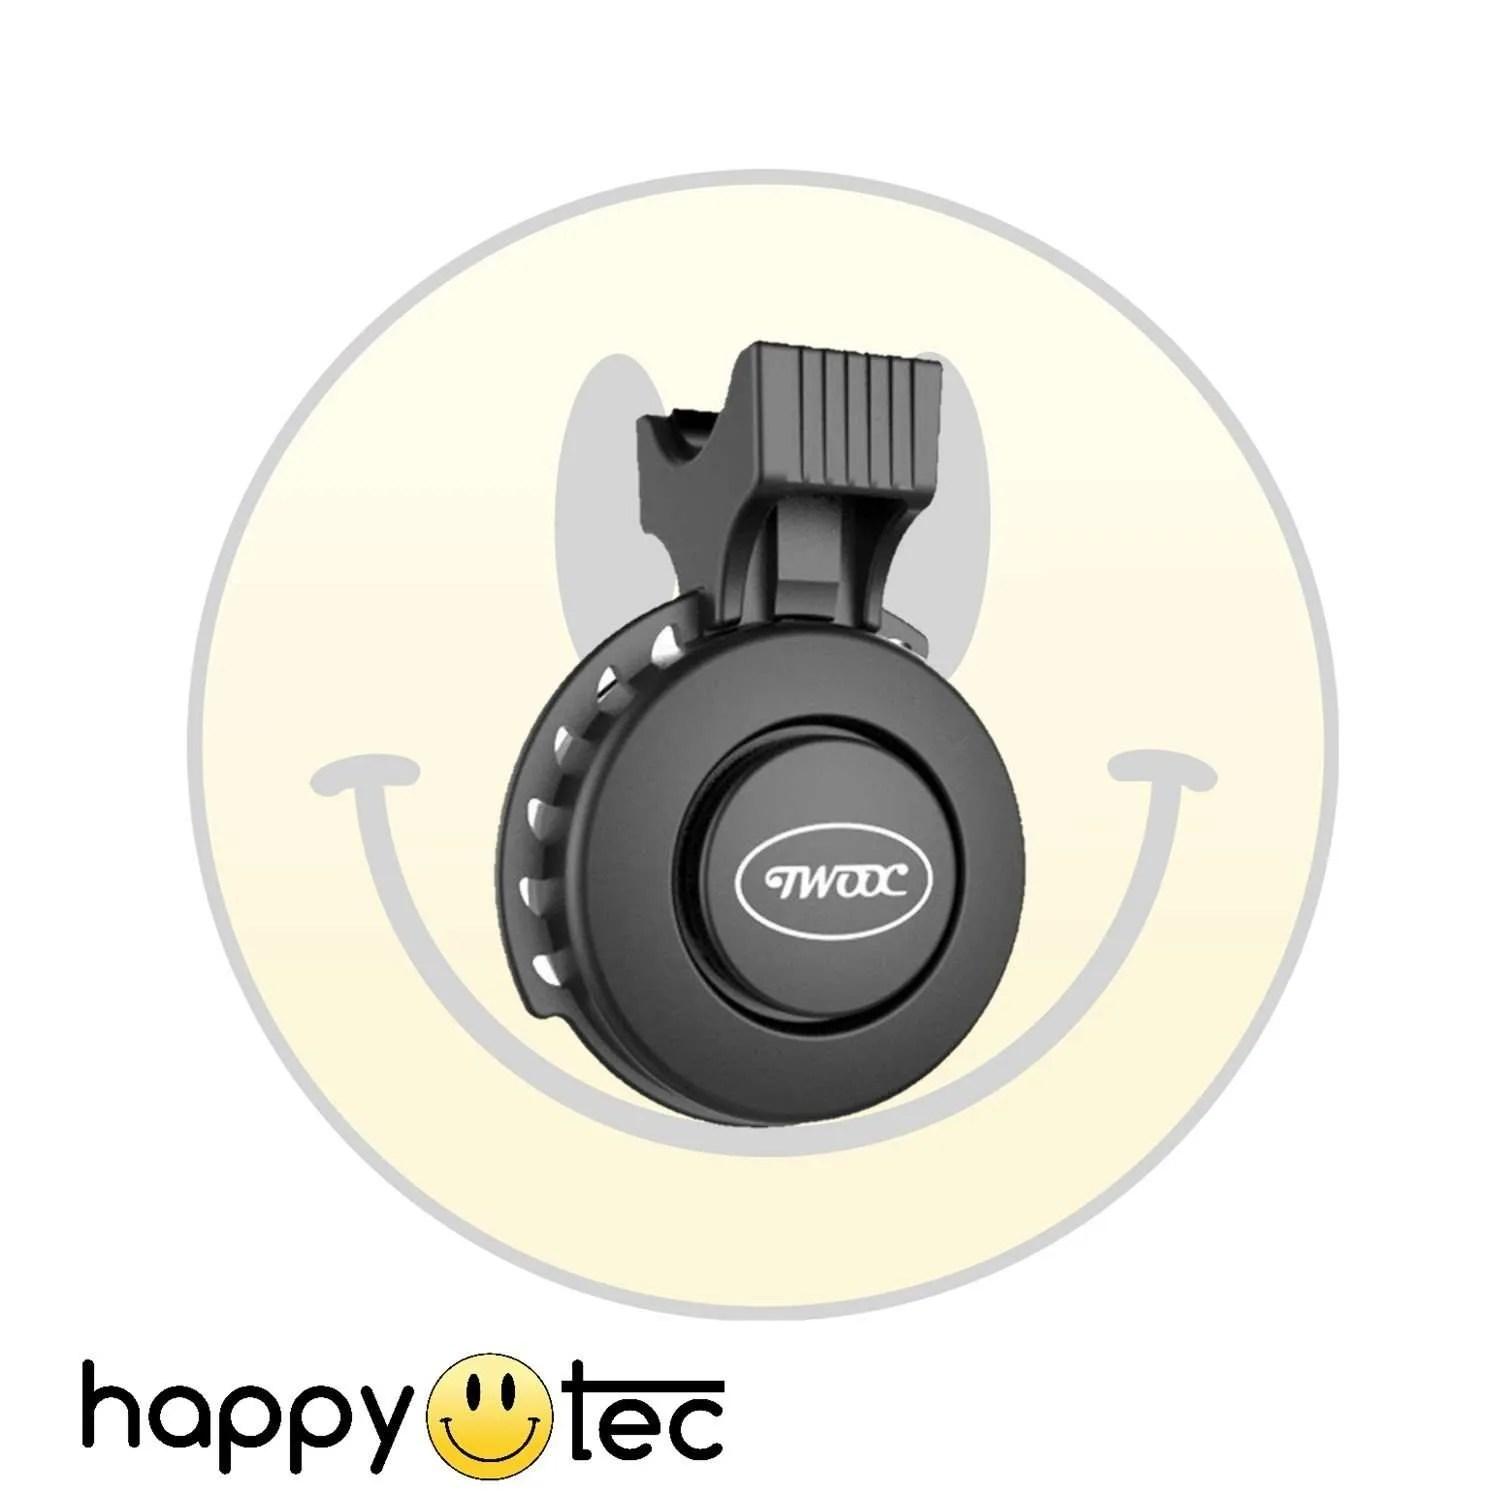 Accessori universali Campanello acustico elettronico Twooc Nero